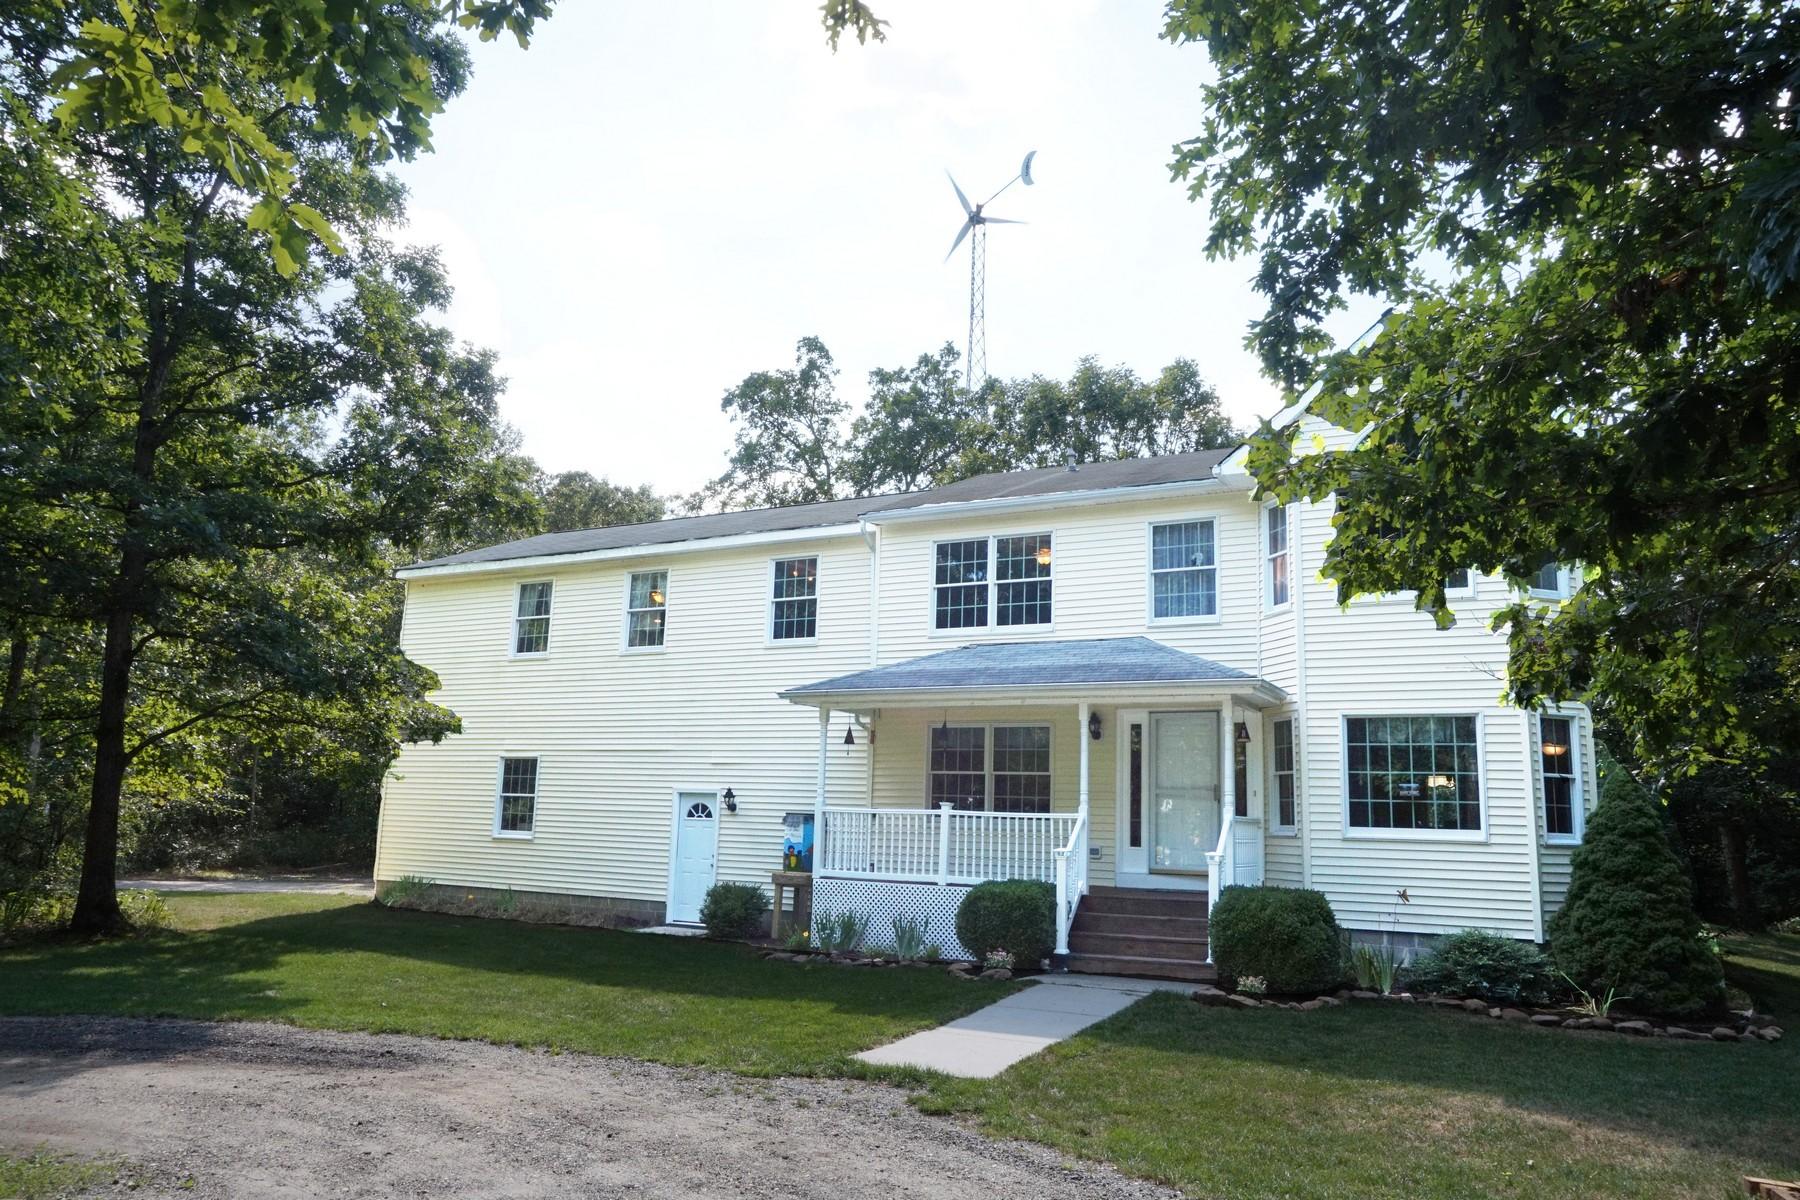 Частный односемейный дом для того Продажа на Dennisville Single Family 235 Tyler Road Dennisville, Нью-Джерси 08214 Соединенные Штаты